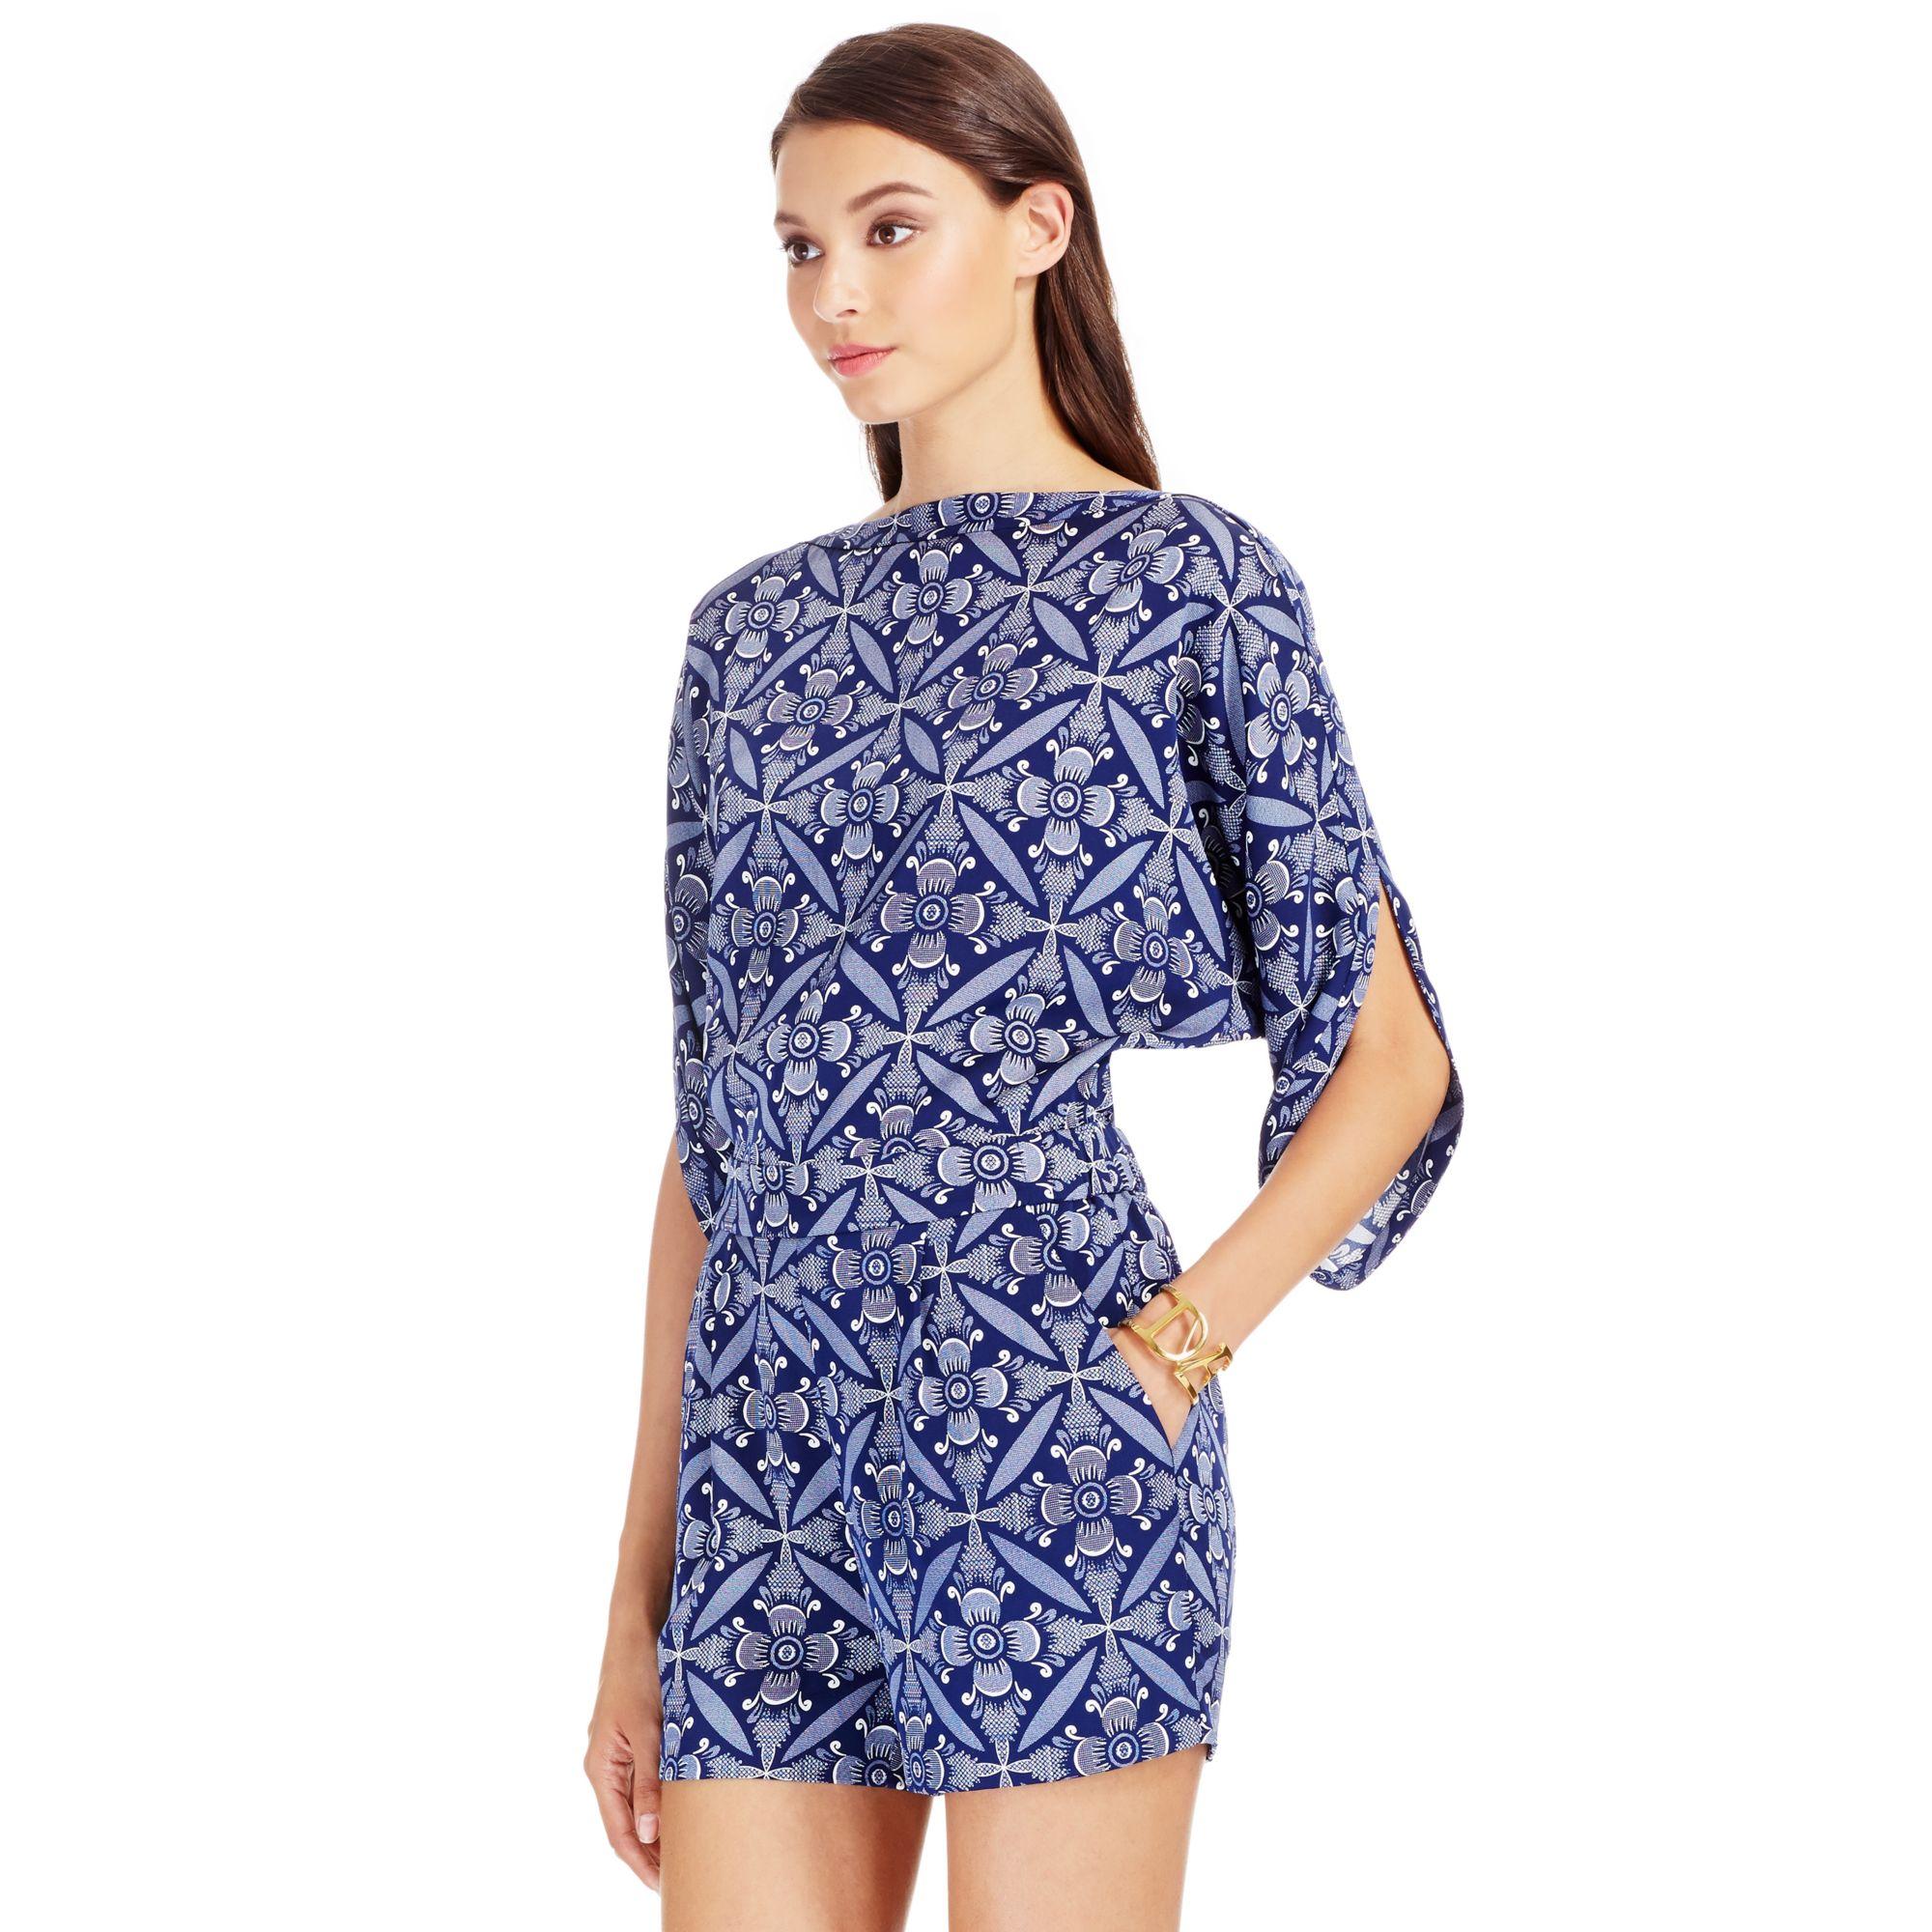 7dcf2b194a1 Lyst - Diane von Furstenberg Dvf Soleil Silk Romper in Blue